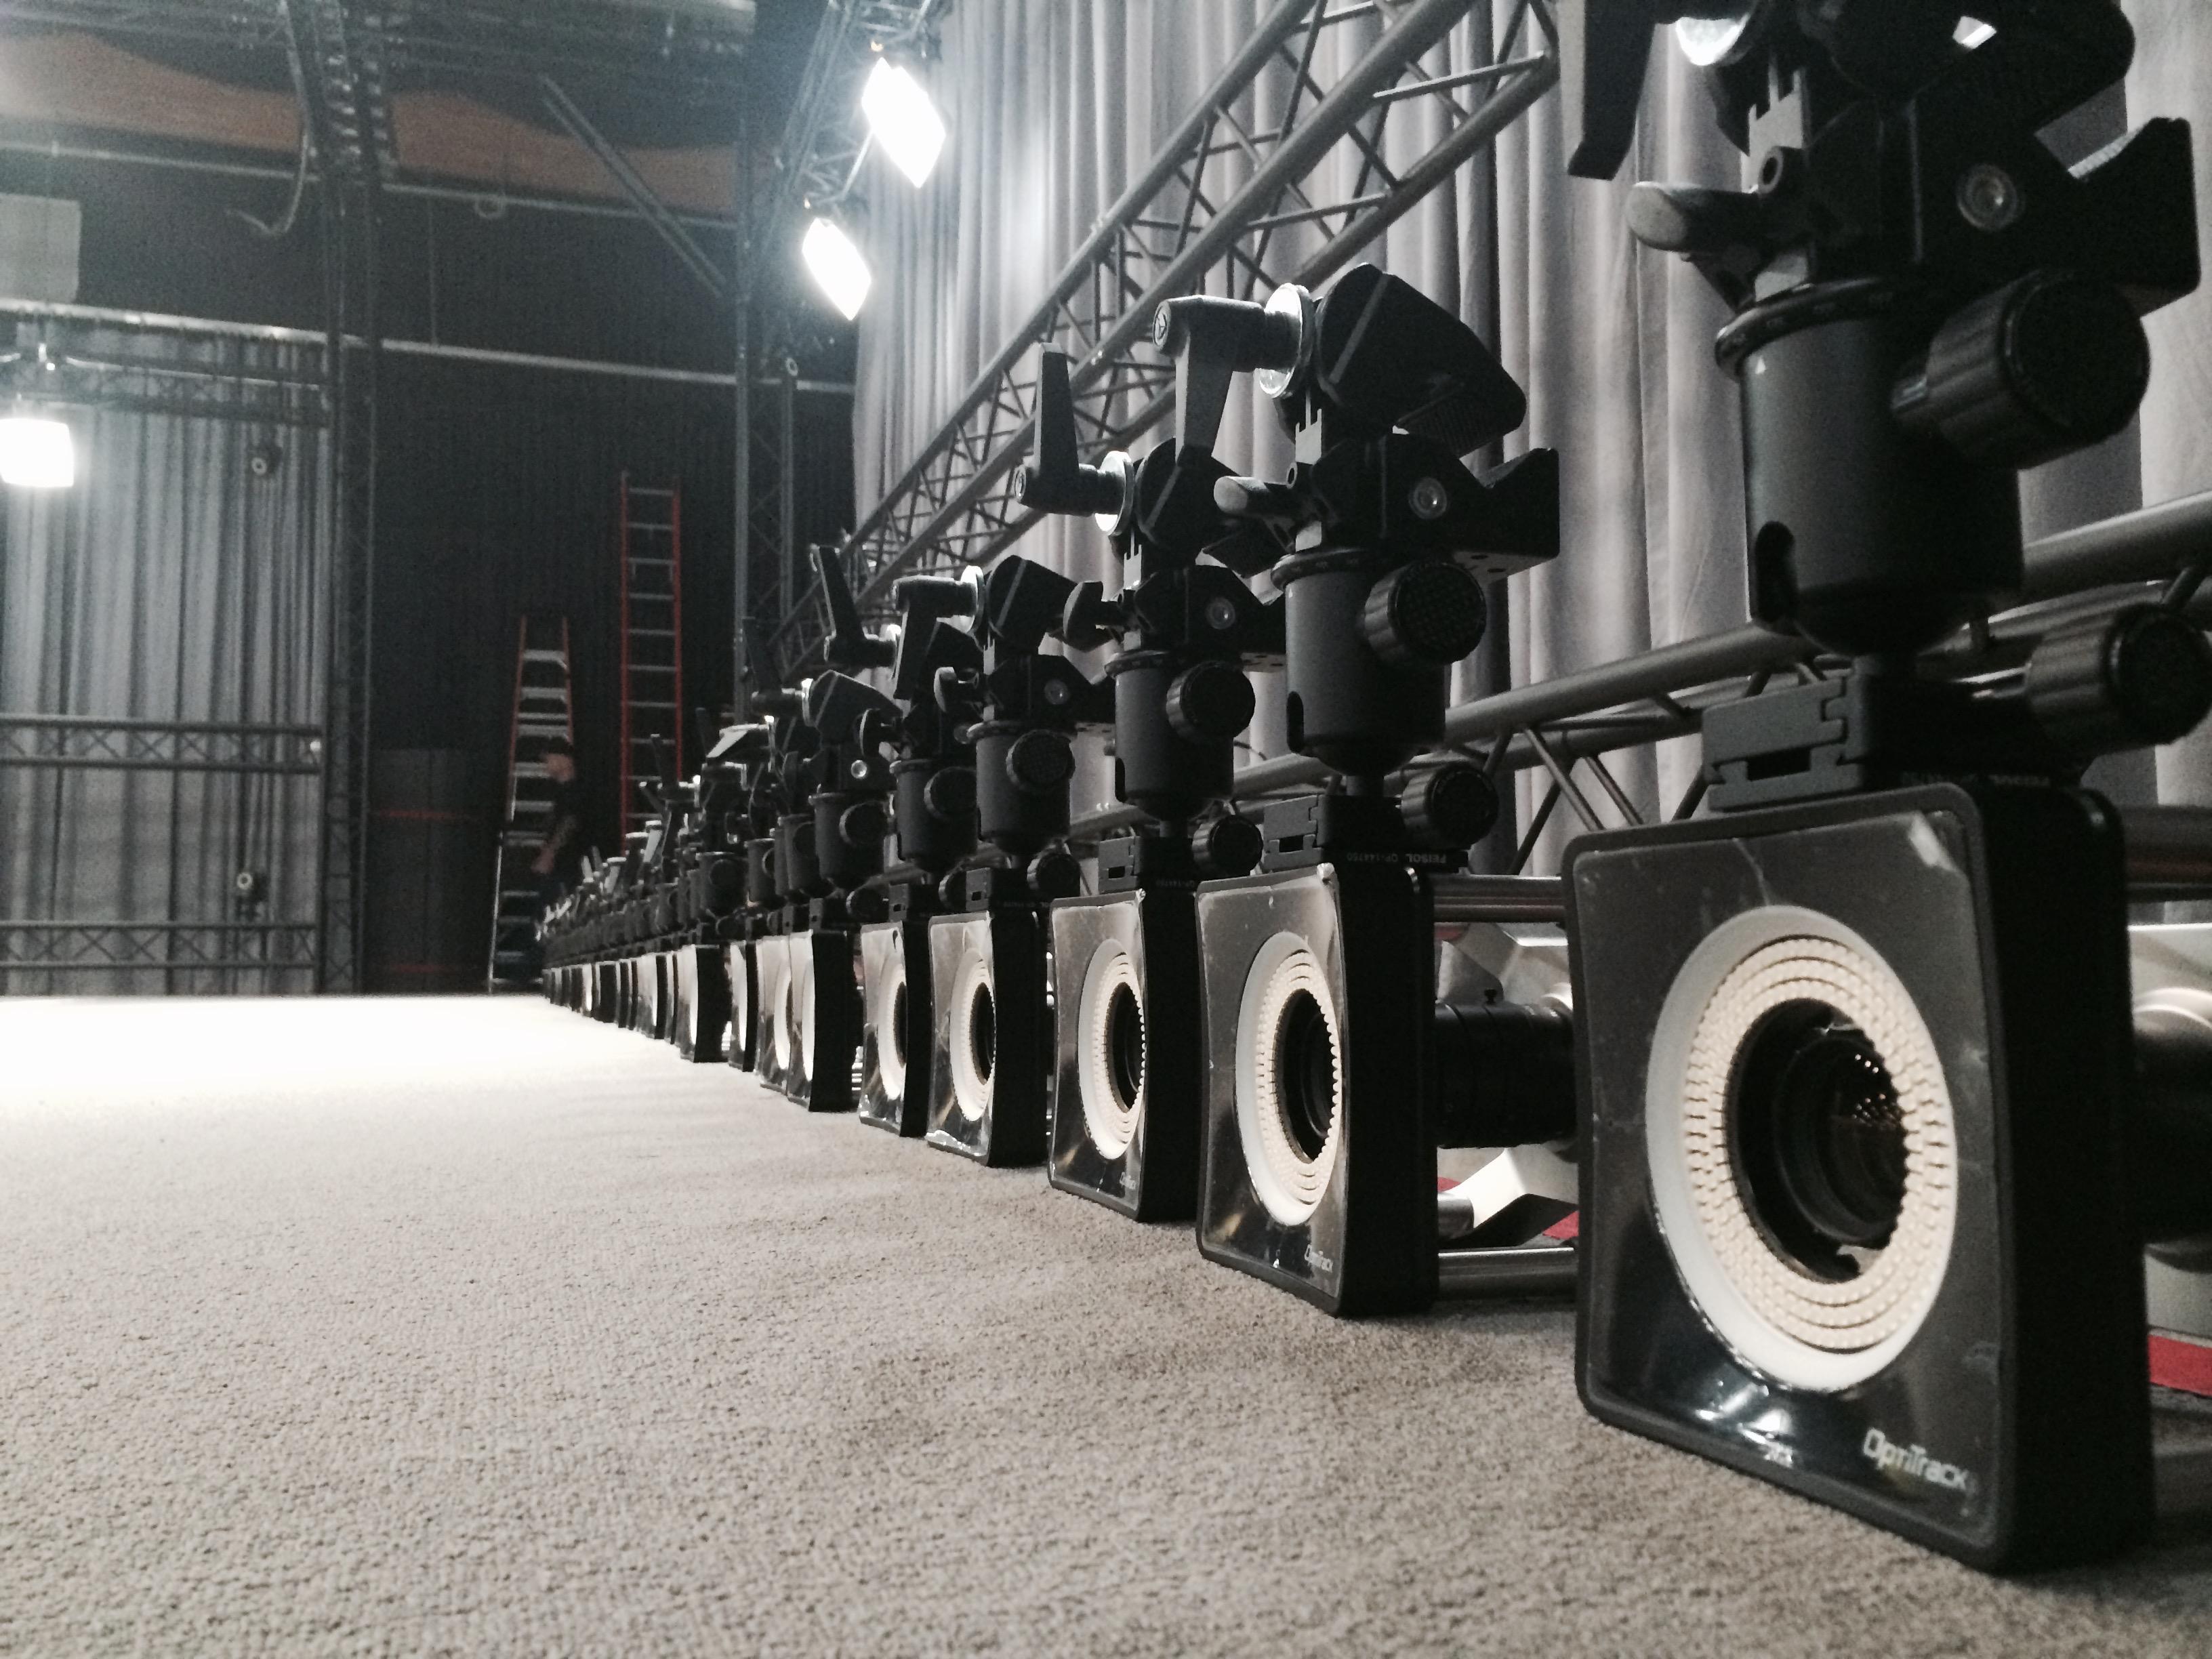 OPTITRAK motion capture cameras